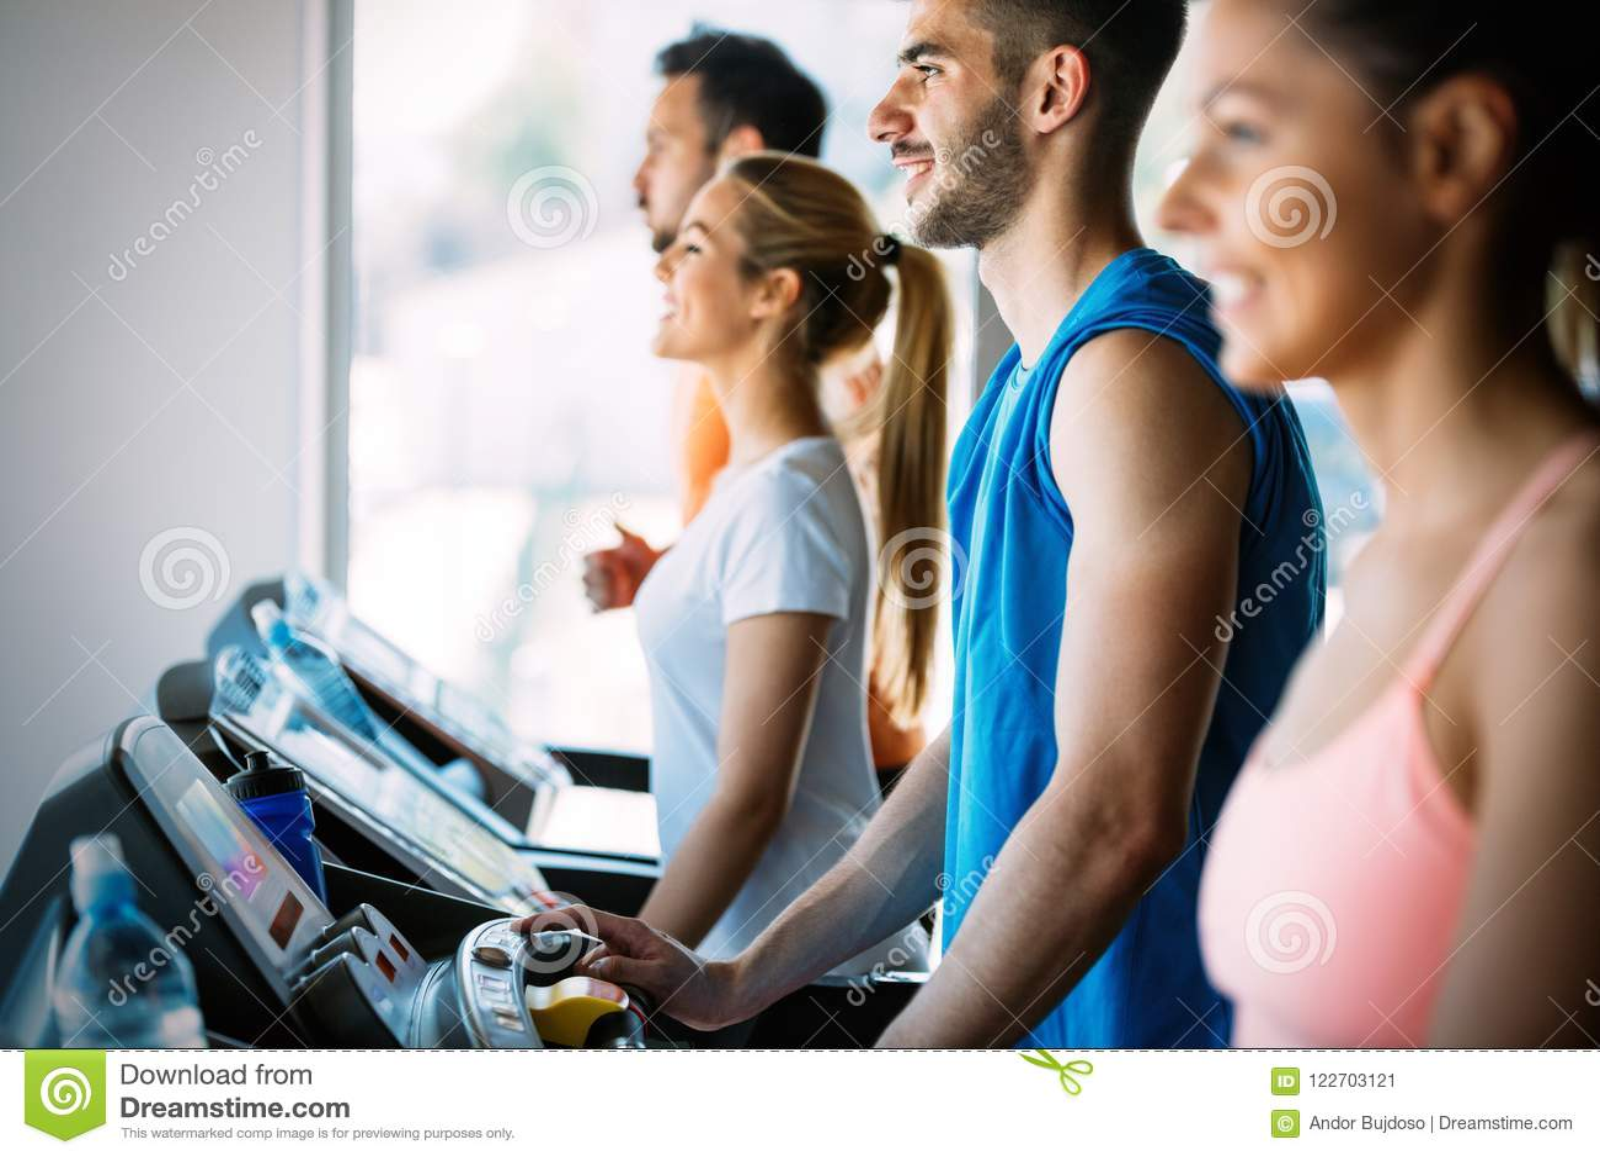 Immagine del gruppo allegro di forma fisica in palestra